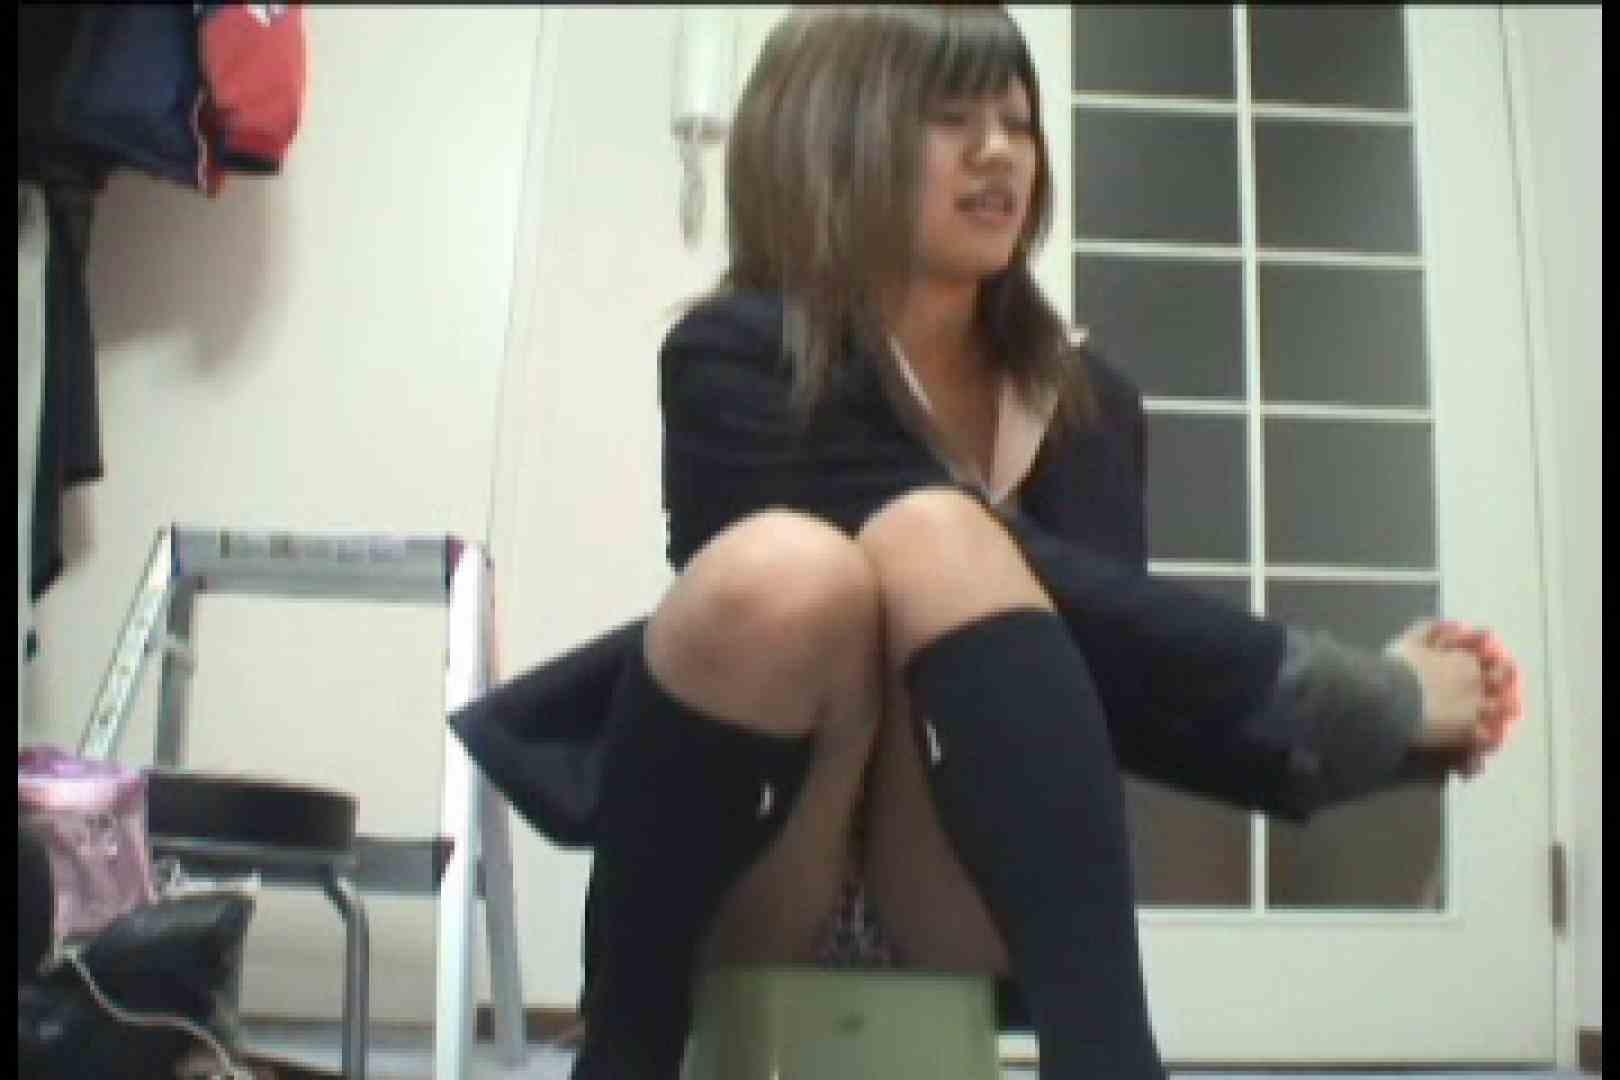 パンツ売りの女の子 れいなちゃんvol.1 丸出しマンコ おまんこ無修正動画無料 66連発 32